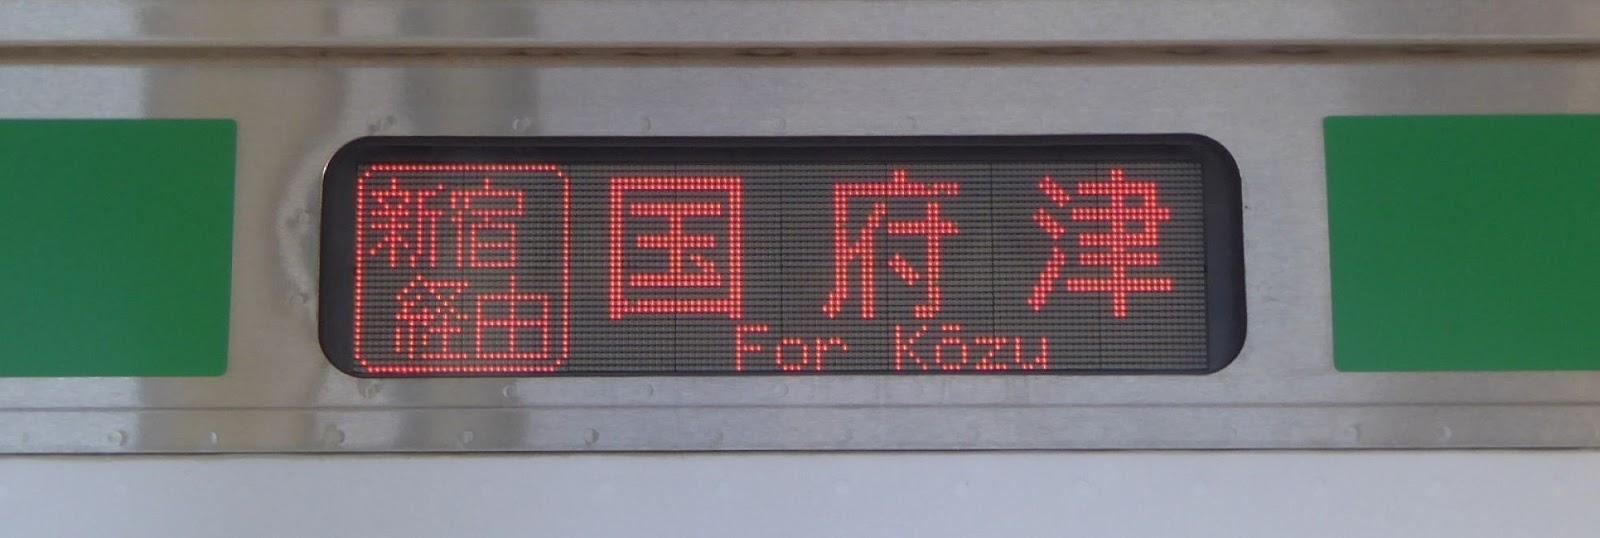 【高崎線内限定表示!】新宿経由 国府津行き E231系